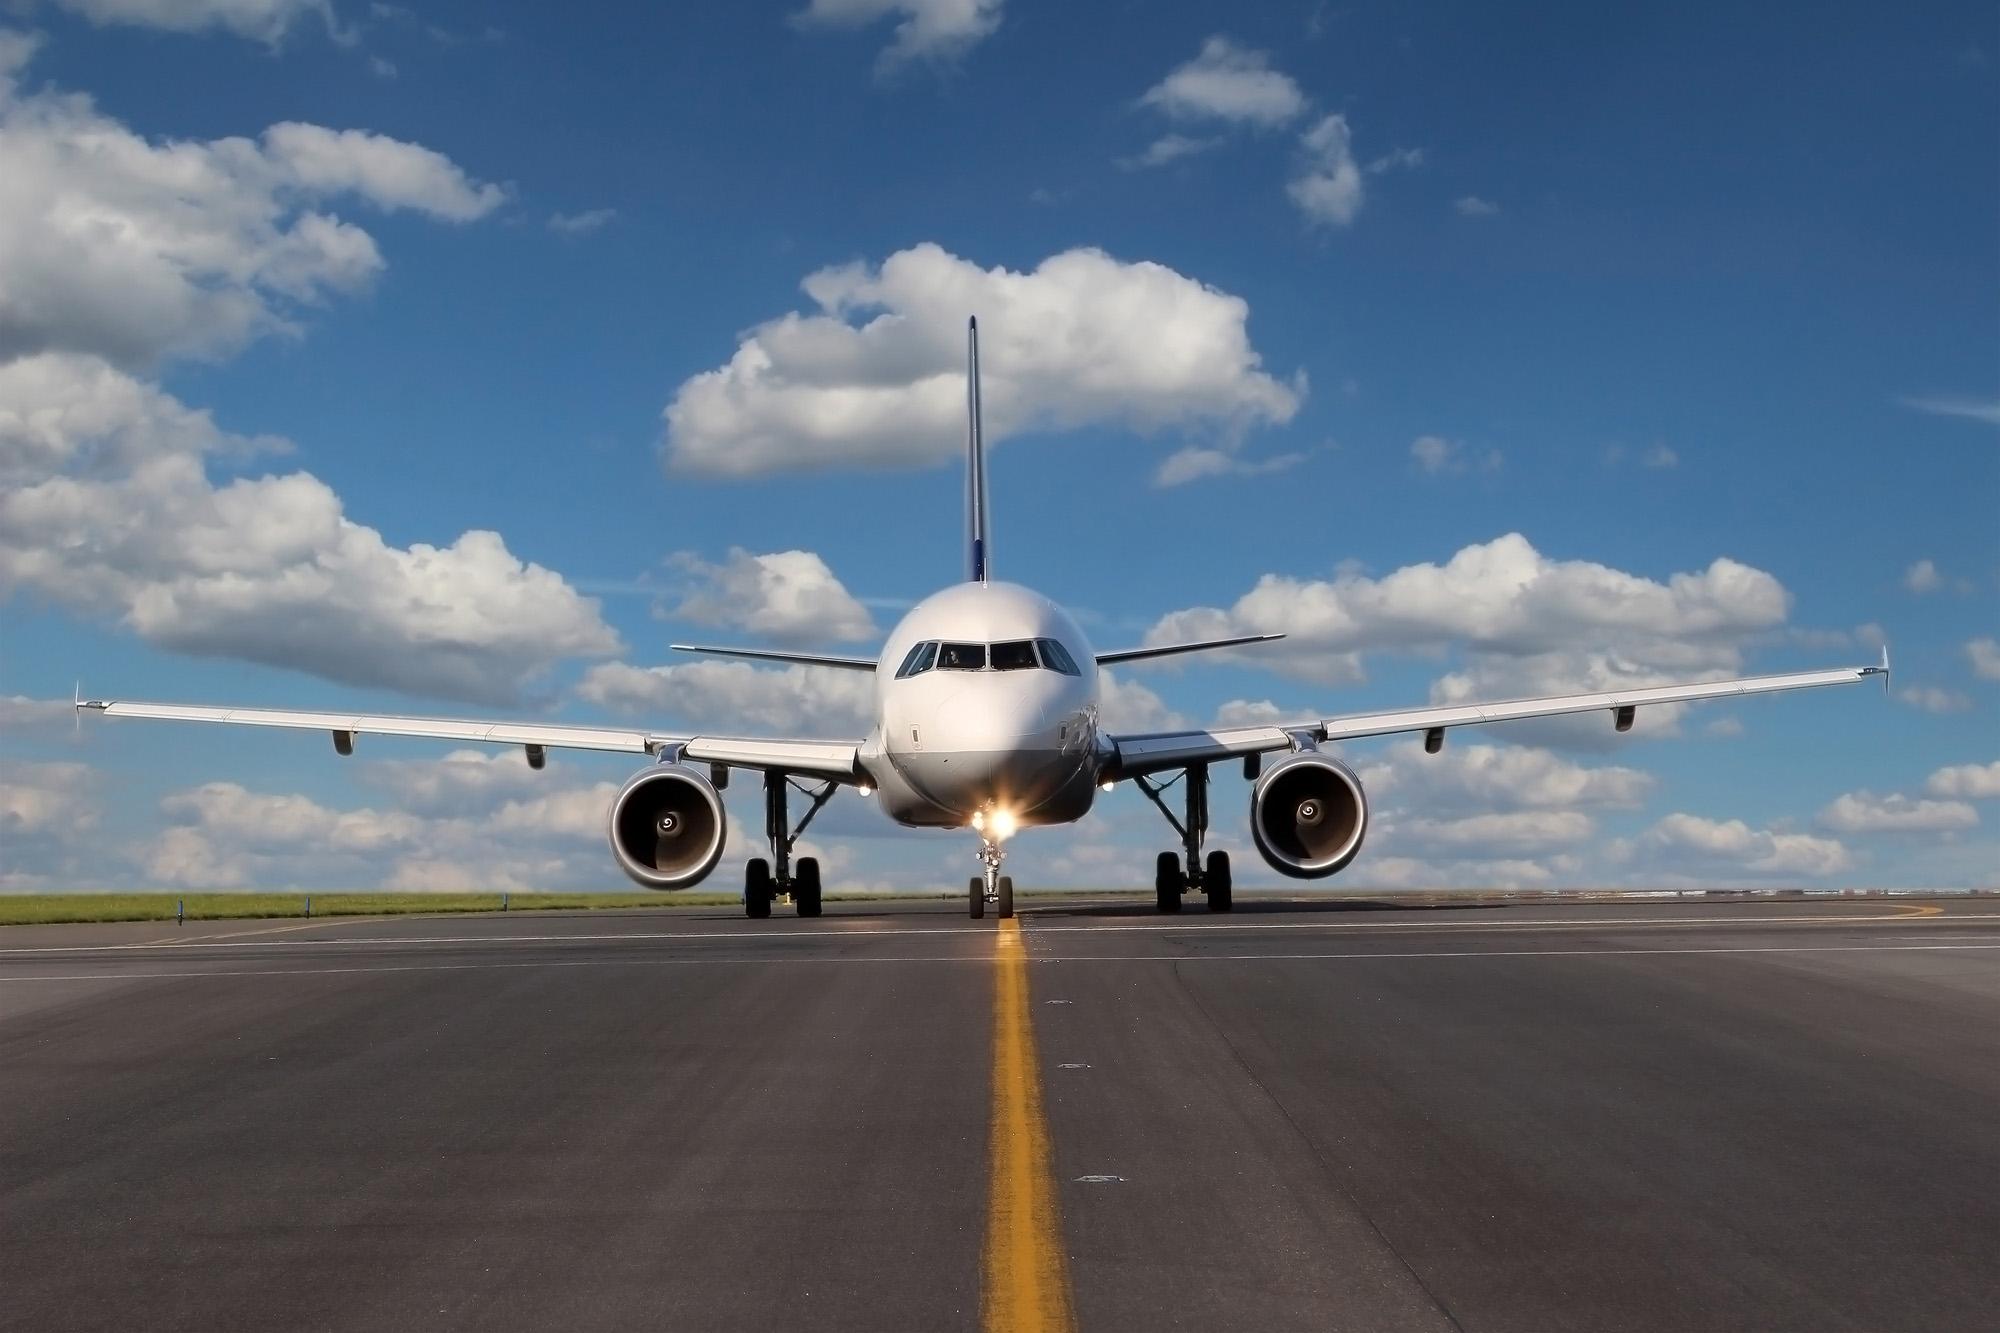 Palmarès : Quels sont les meilleurs aéroports du monde en 2020 ? - Routard.com